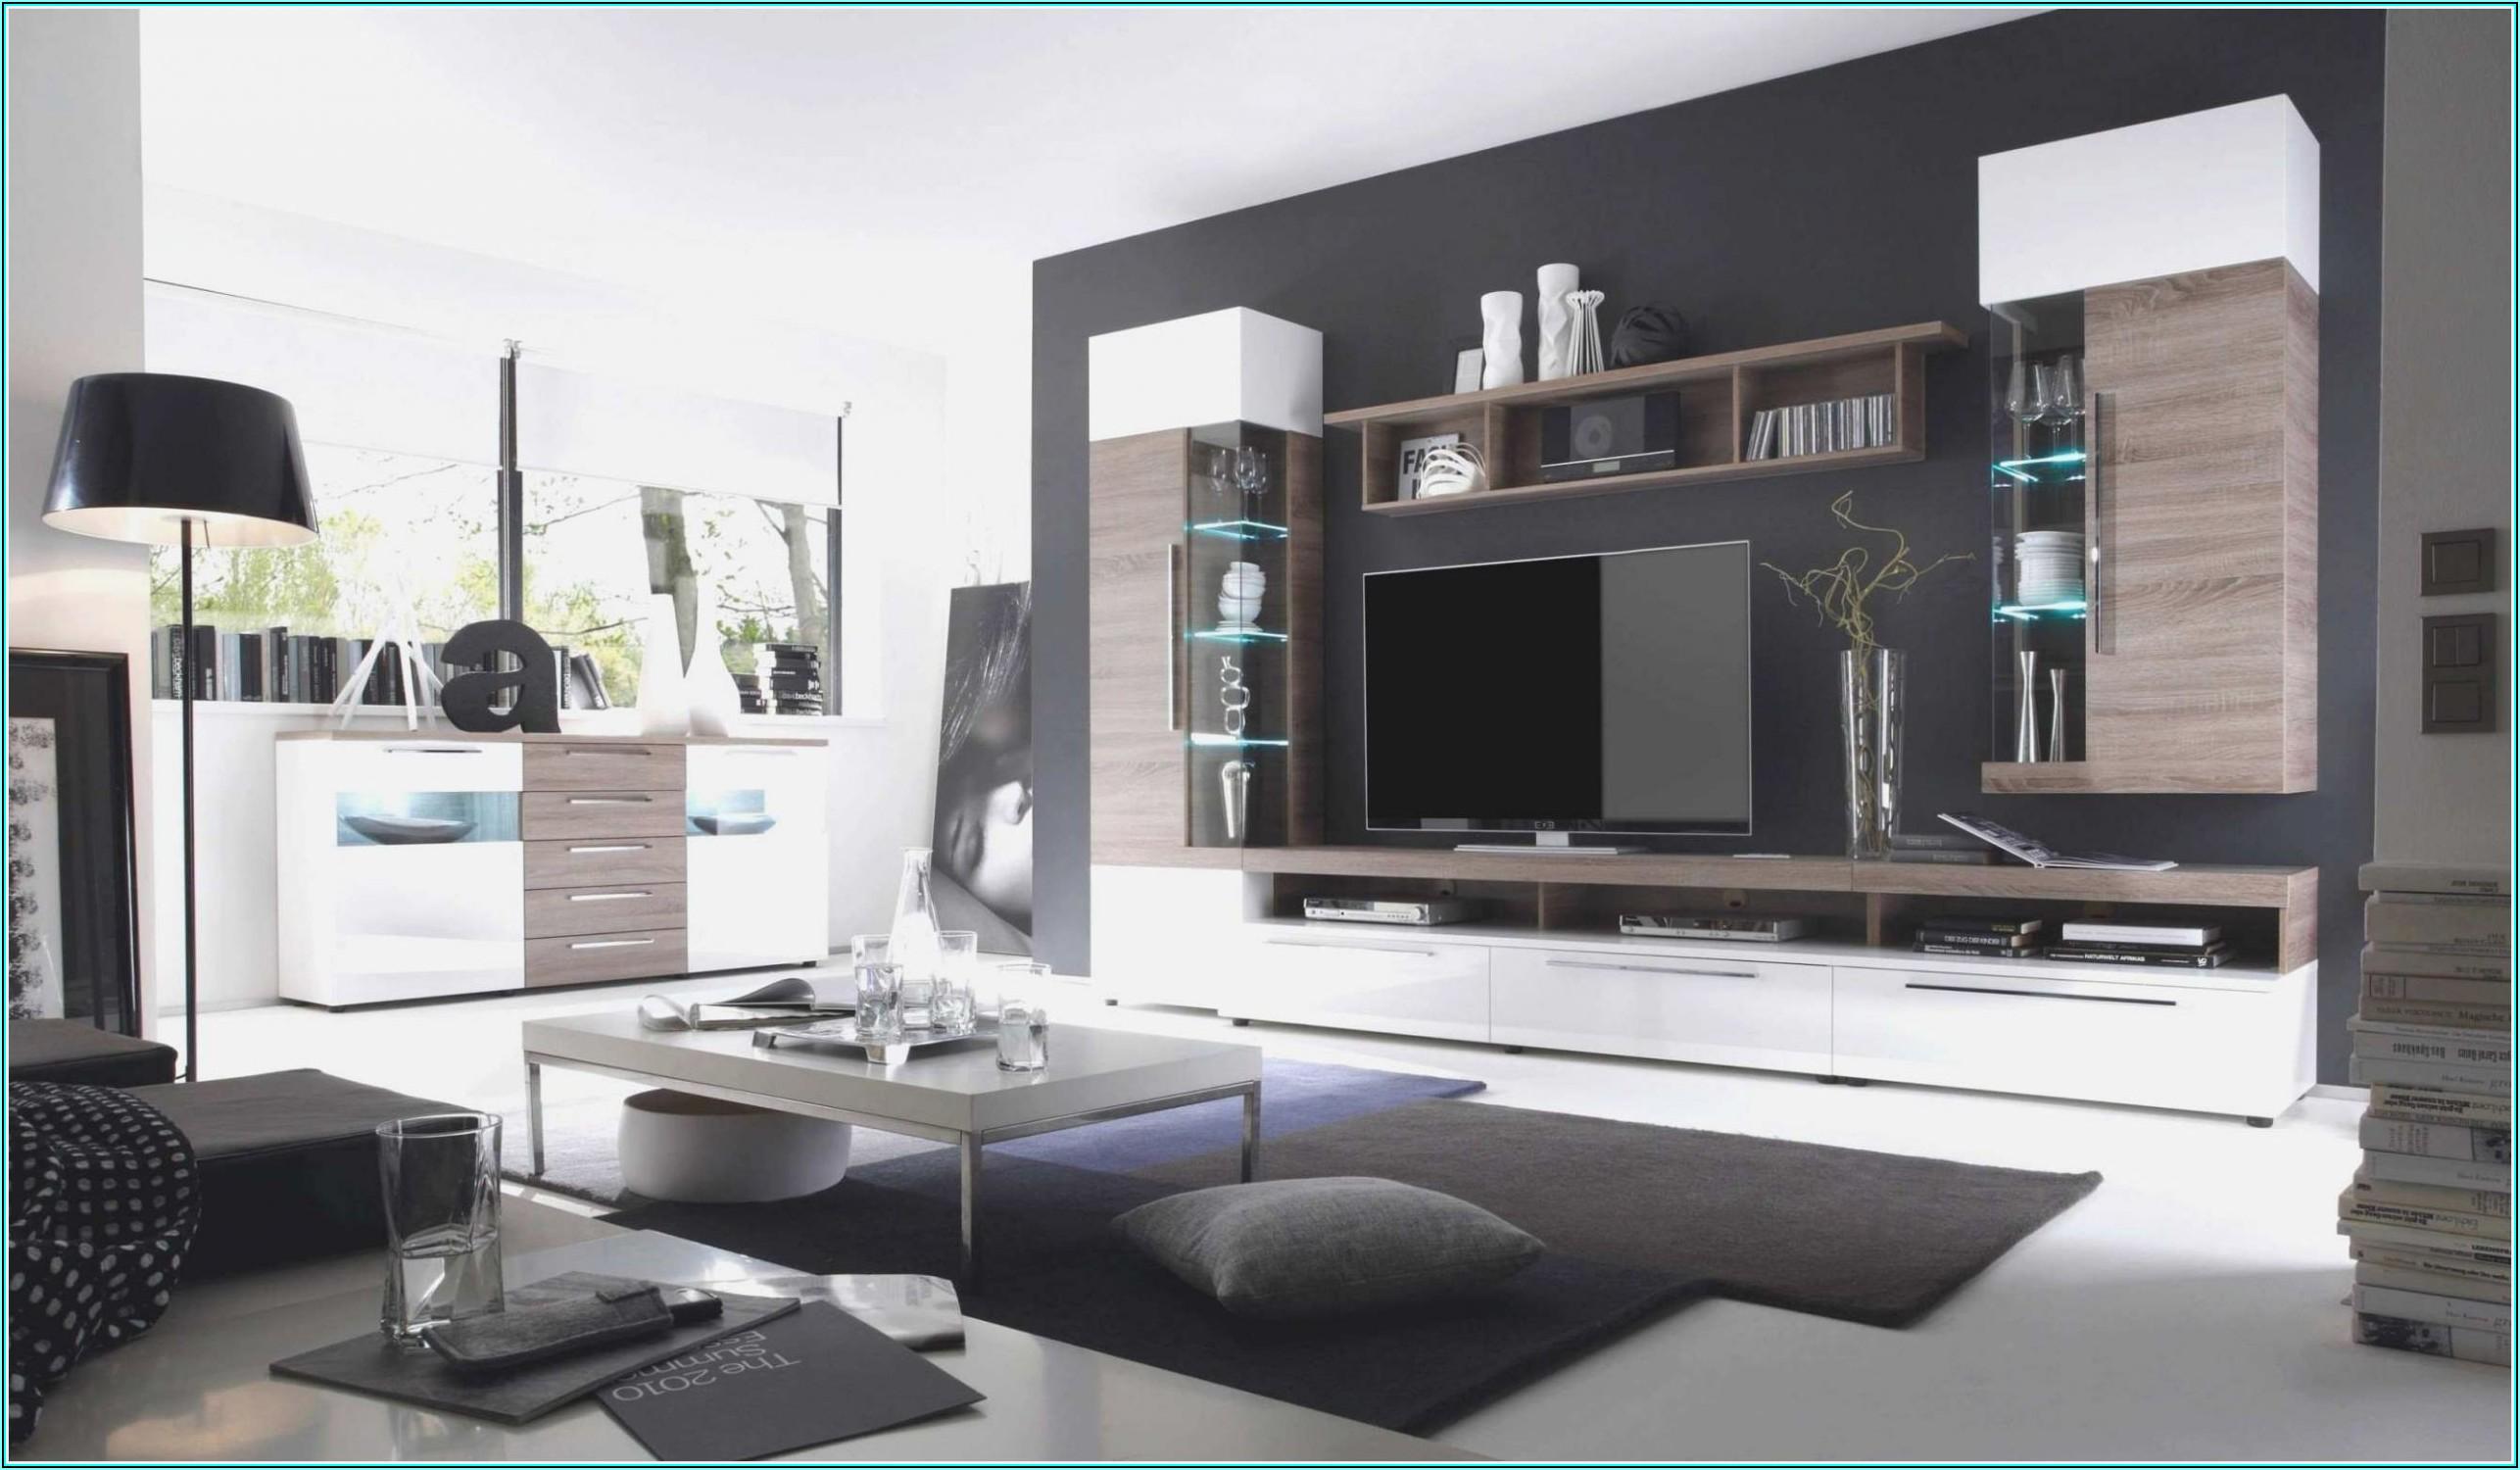 Bilder Aus Glas Für Wohnzimmer